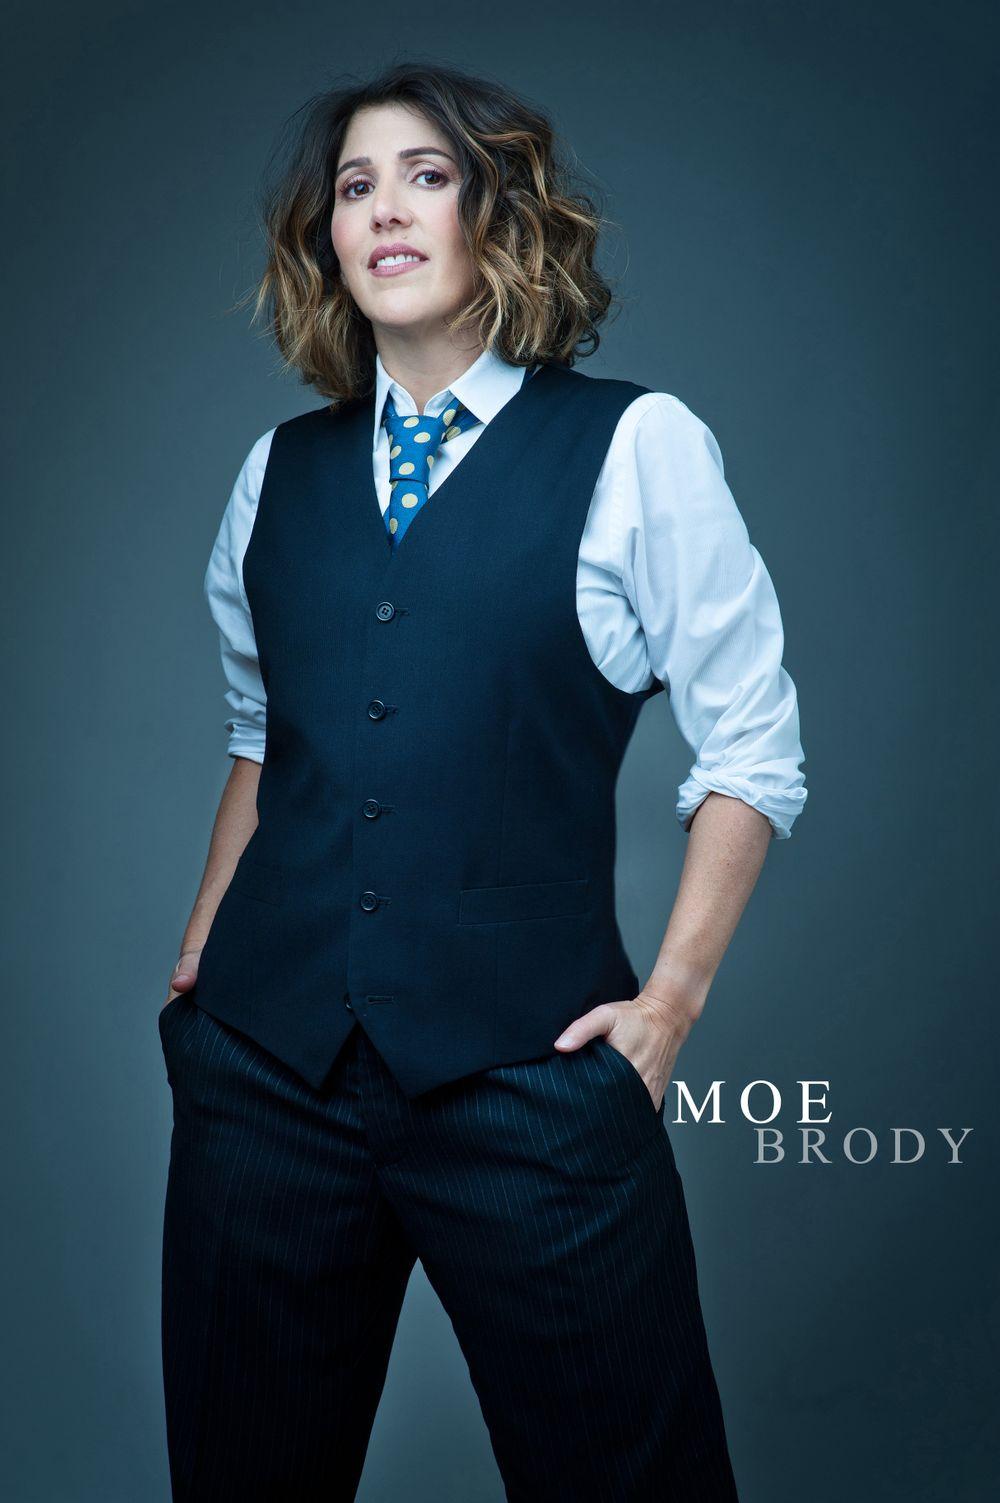 026Moe Brody-2 RET.jpg